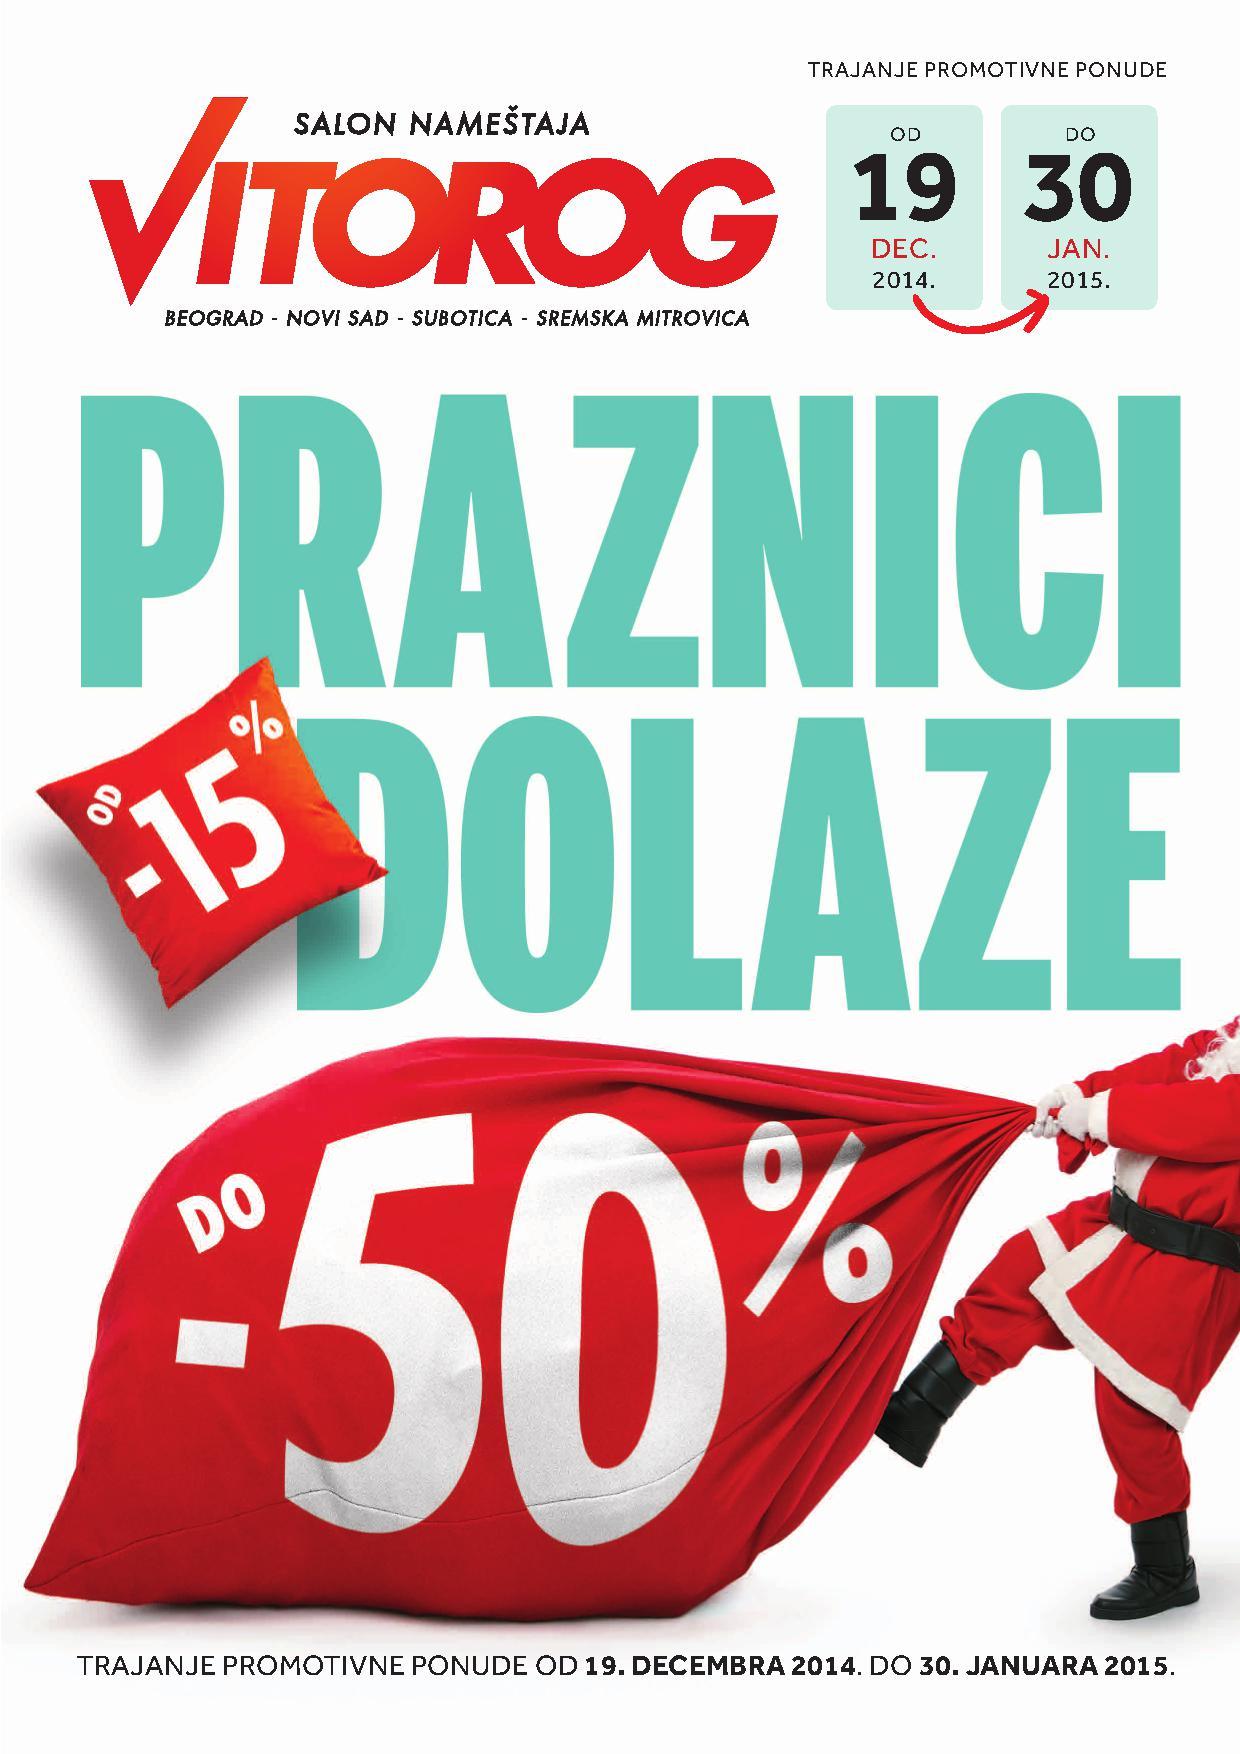 Vitorog akcija novogodišnje ponude